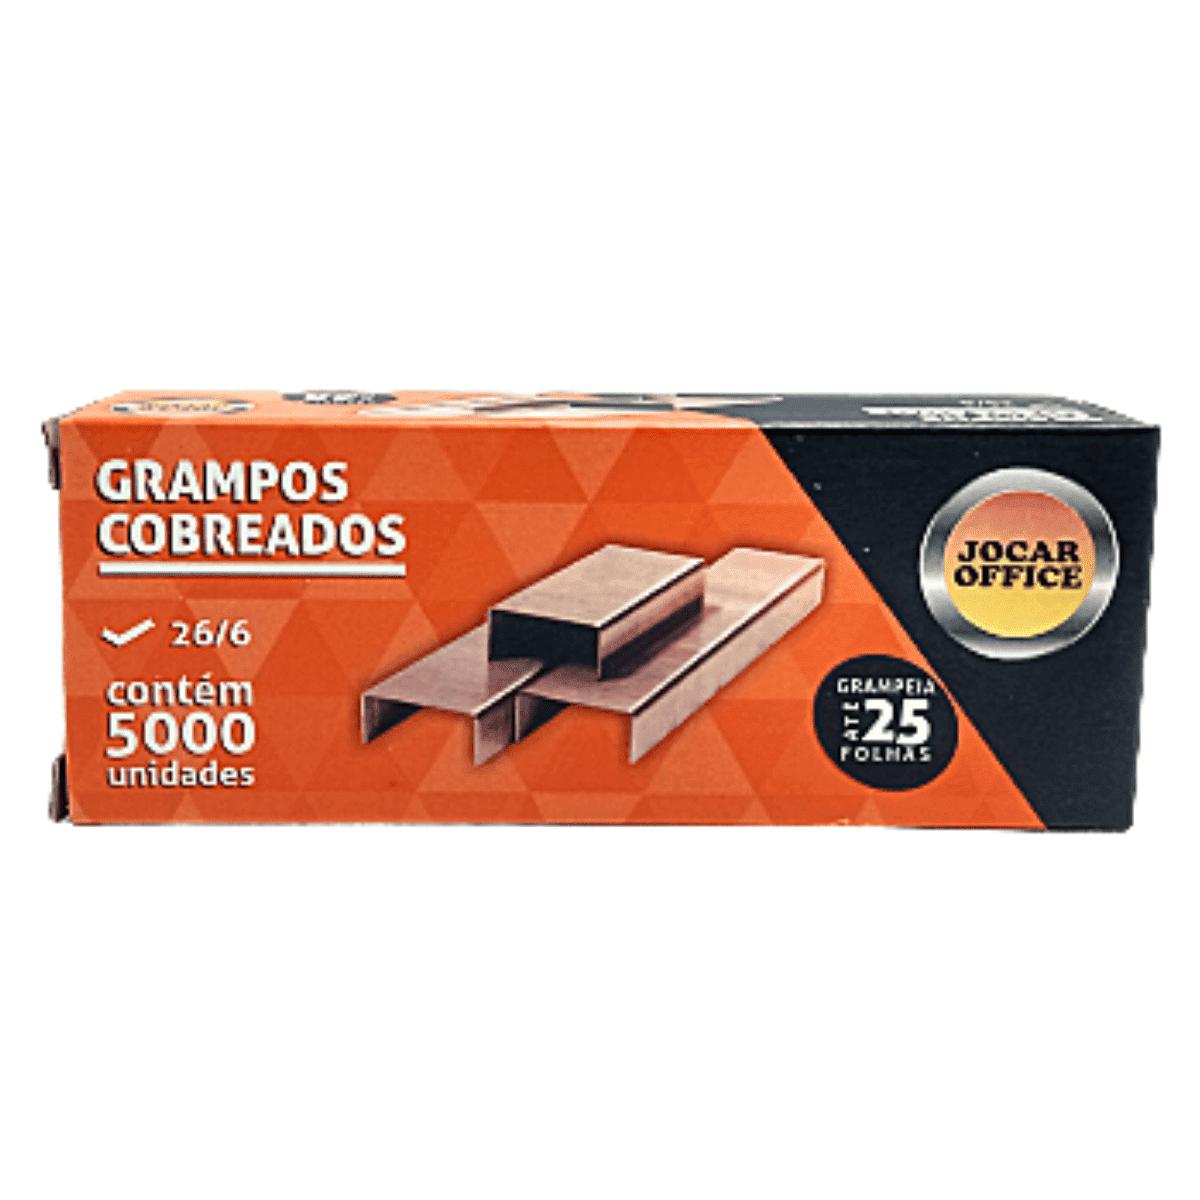 Grampos 26/6 Cobreados Caixa 5000 unidades - Jocar Office